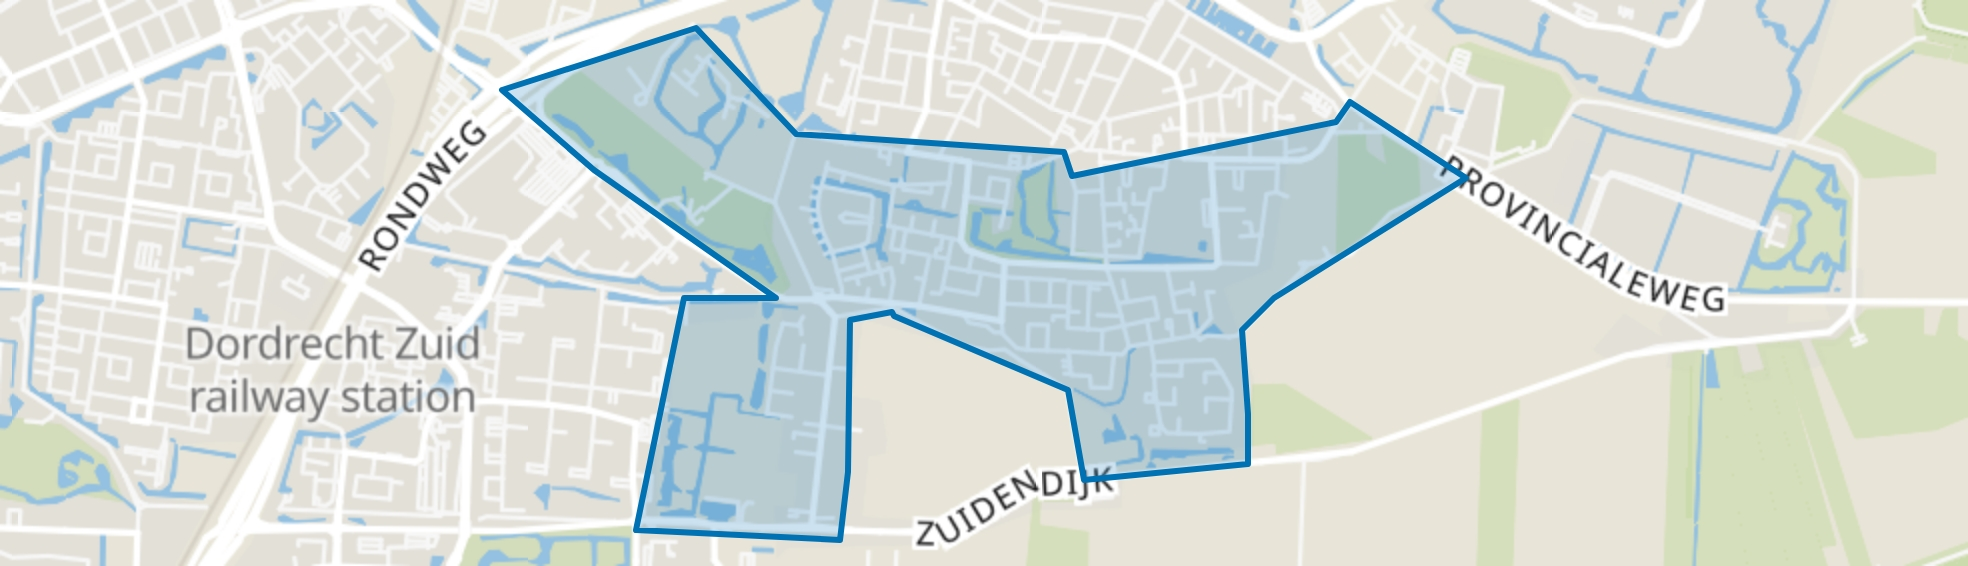 Dubbeldam-Zuid, Dordrecht map